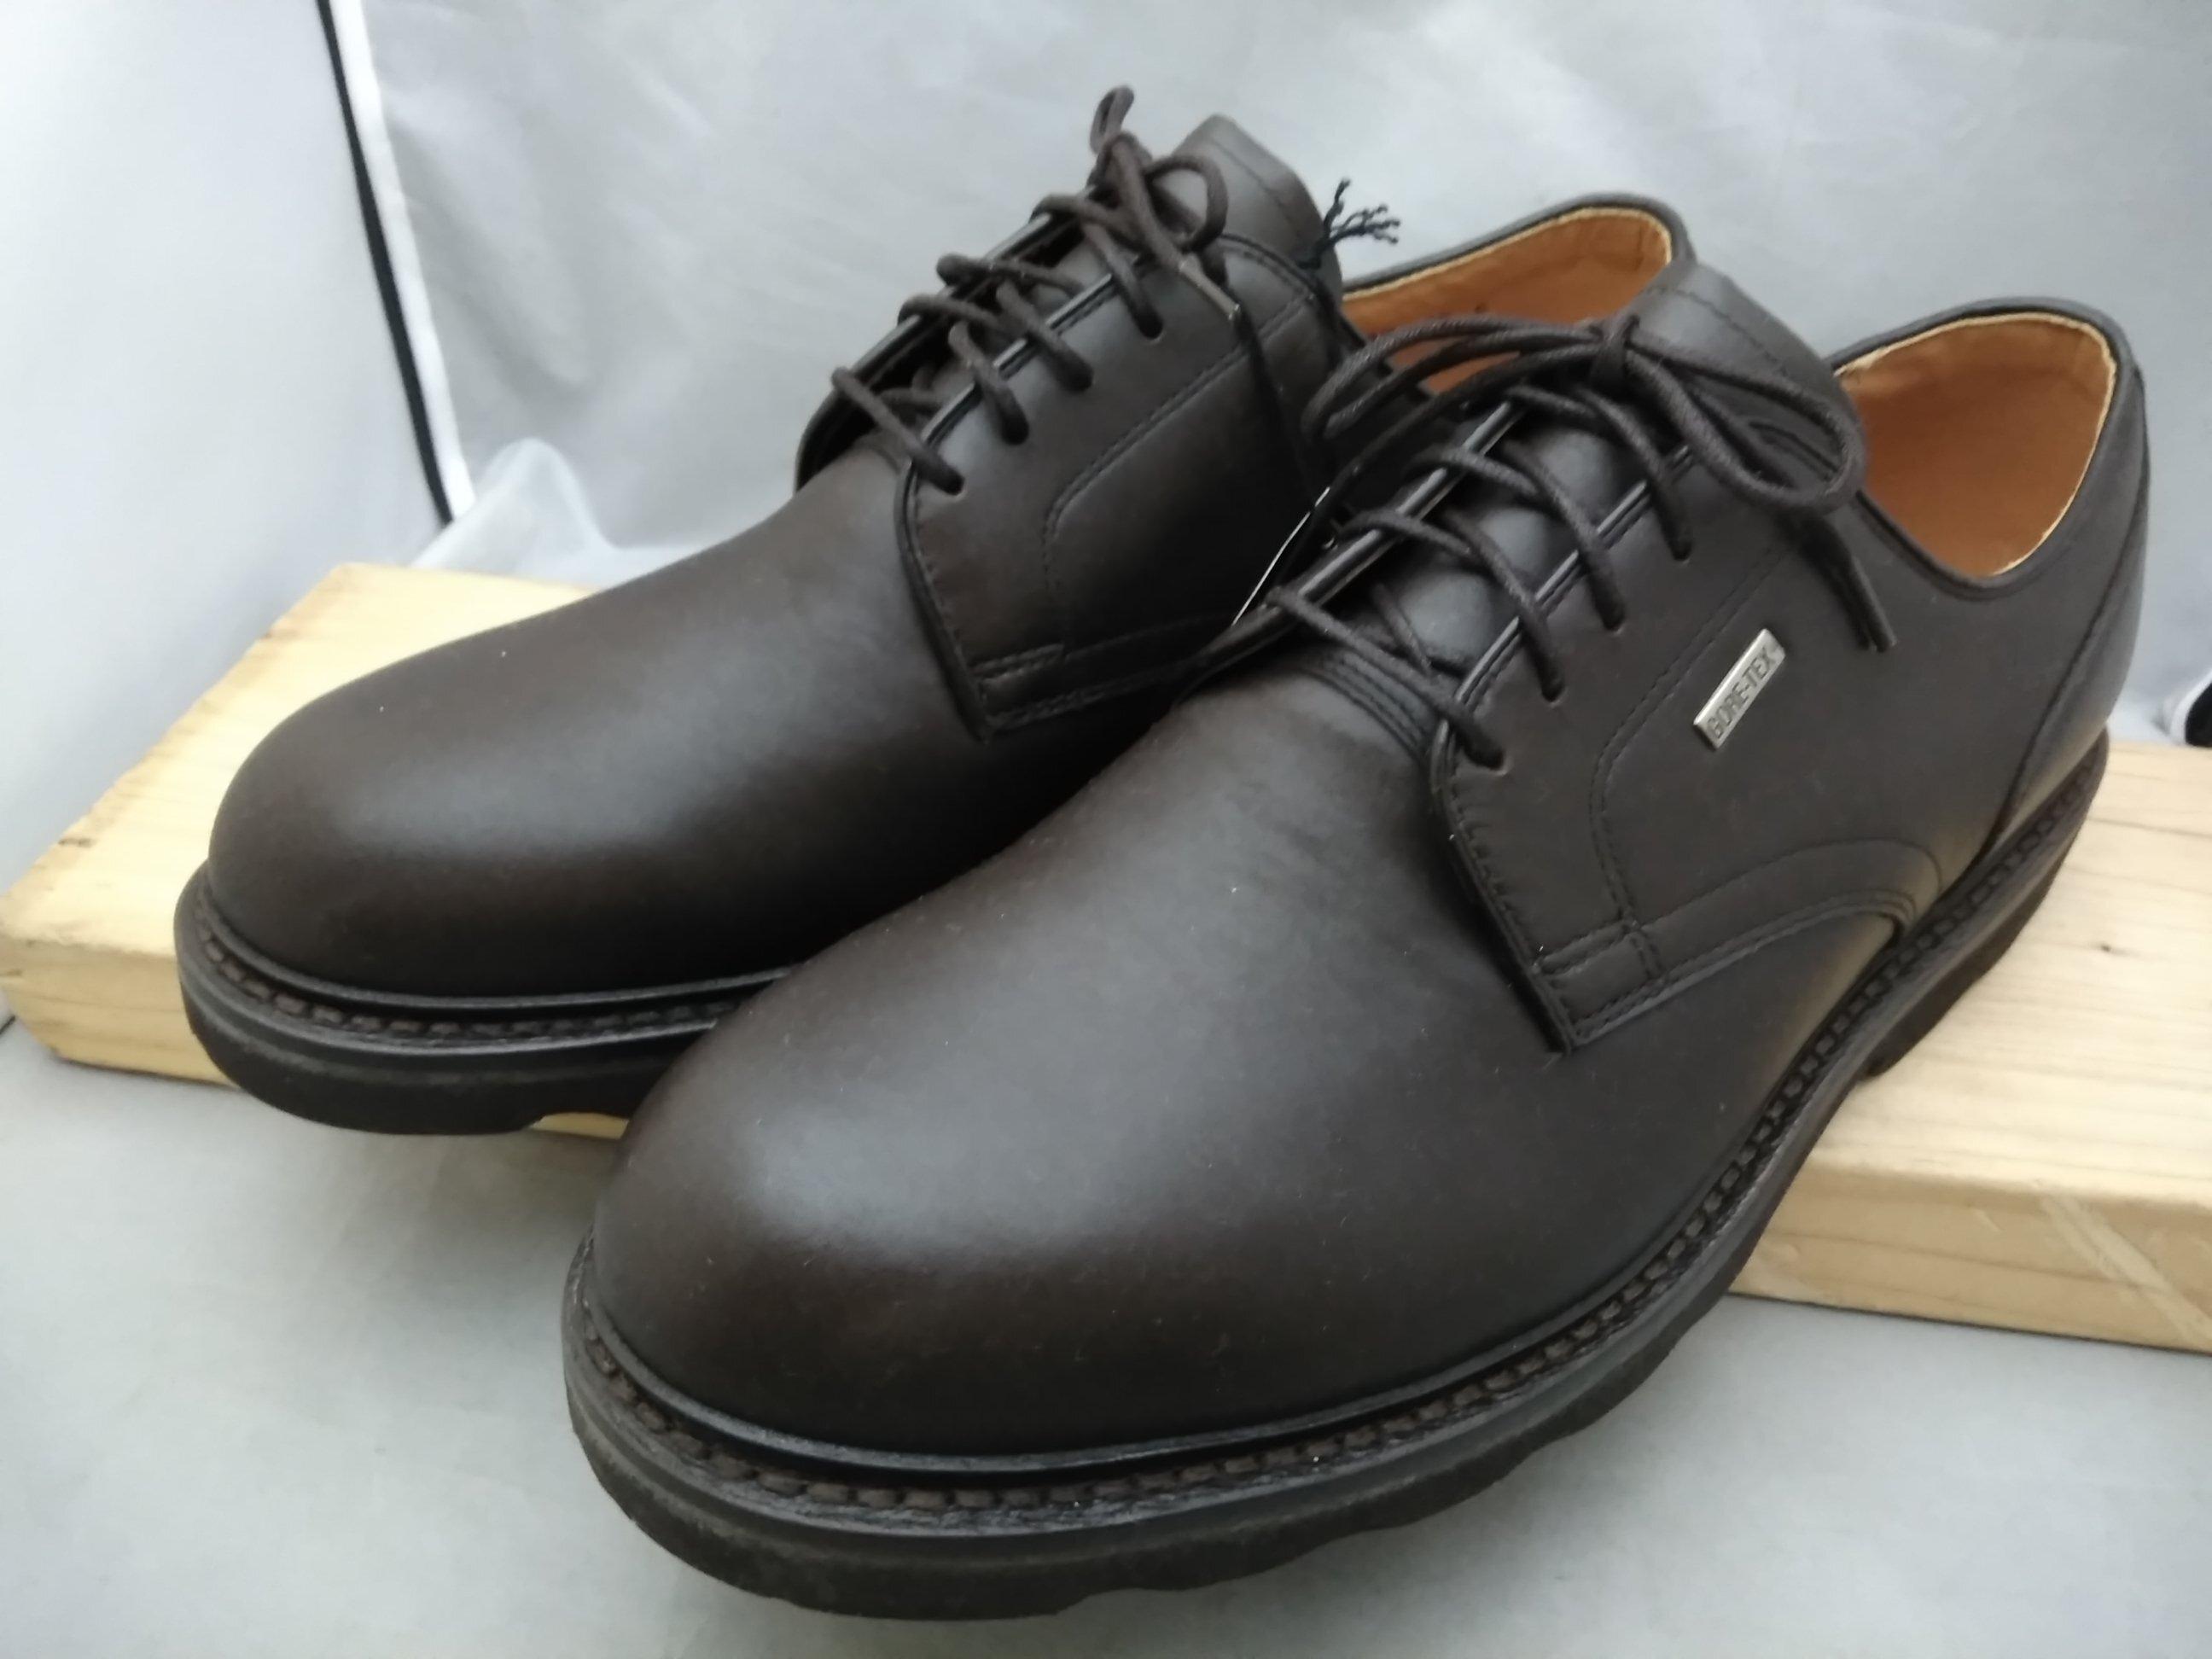 リーガル REGAL 革靴 ビジネスシューズ 26.5cm 濃茶 u1037c